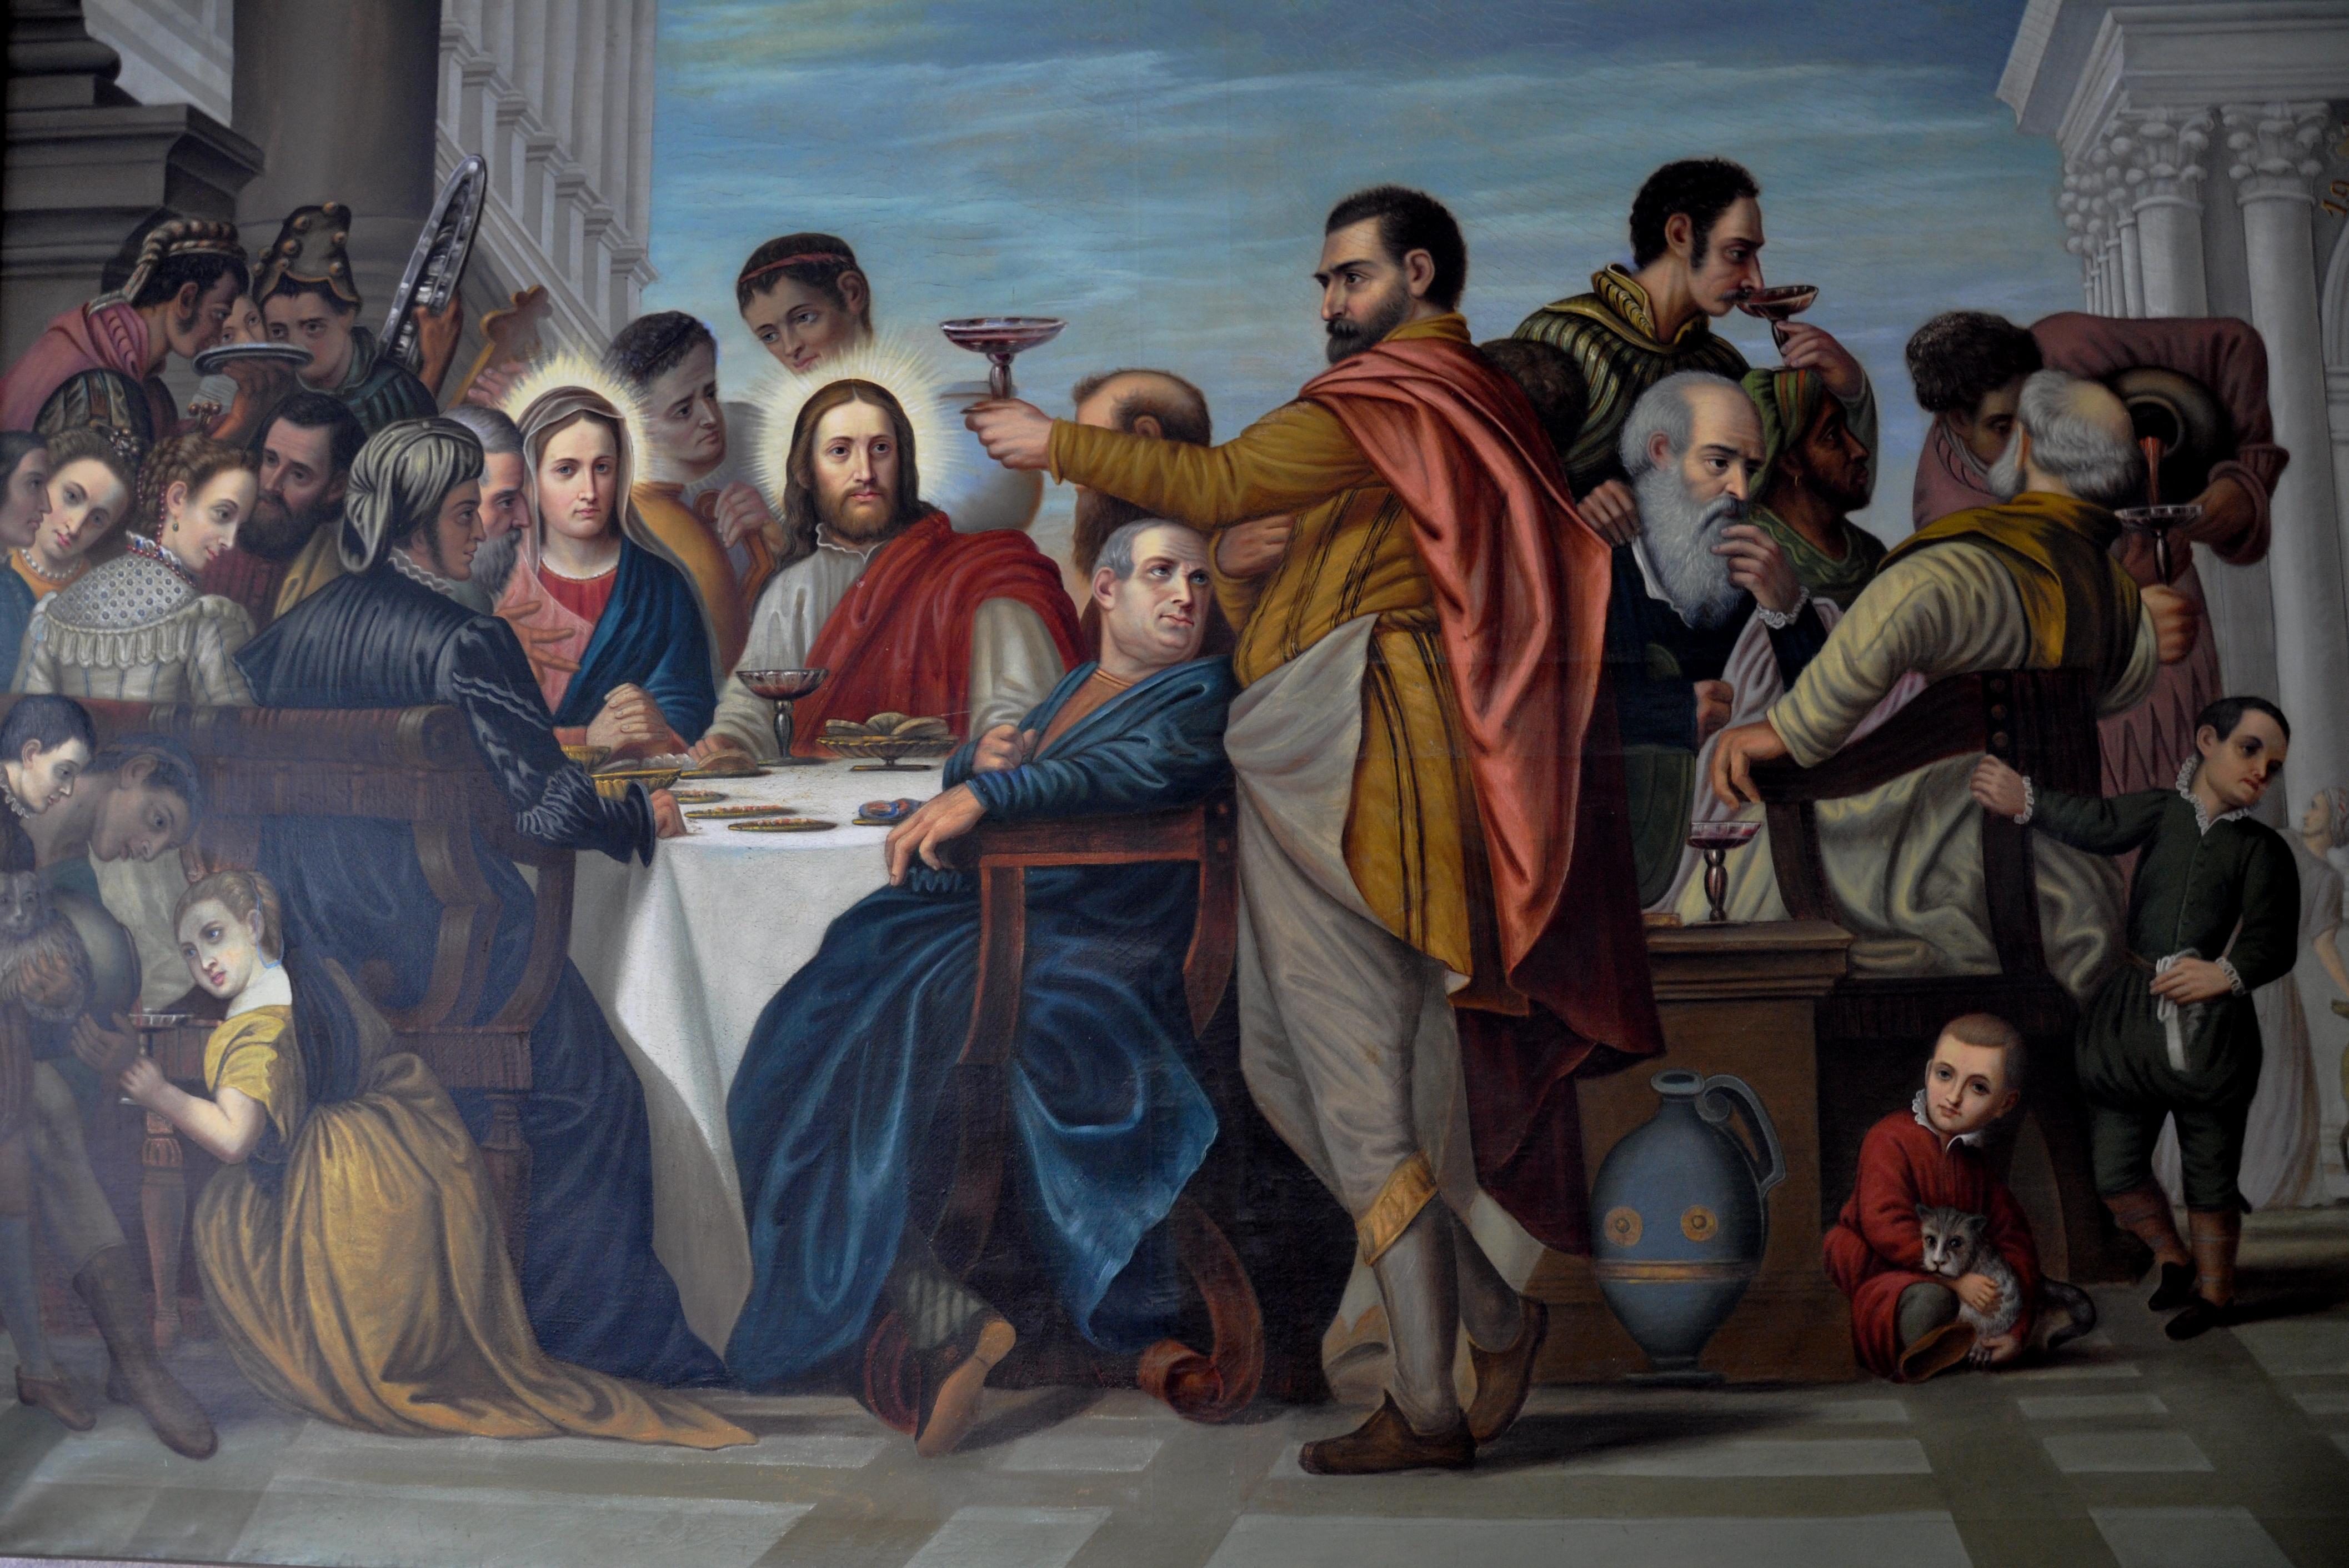 File Kloster Mehrerau Treppenhaus Collegiumskapelle Hochzeit Zu Kana